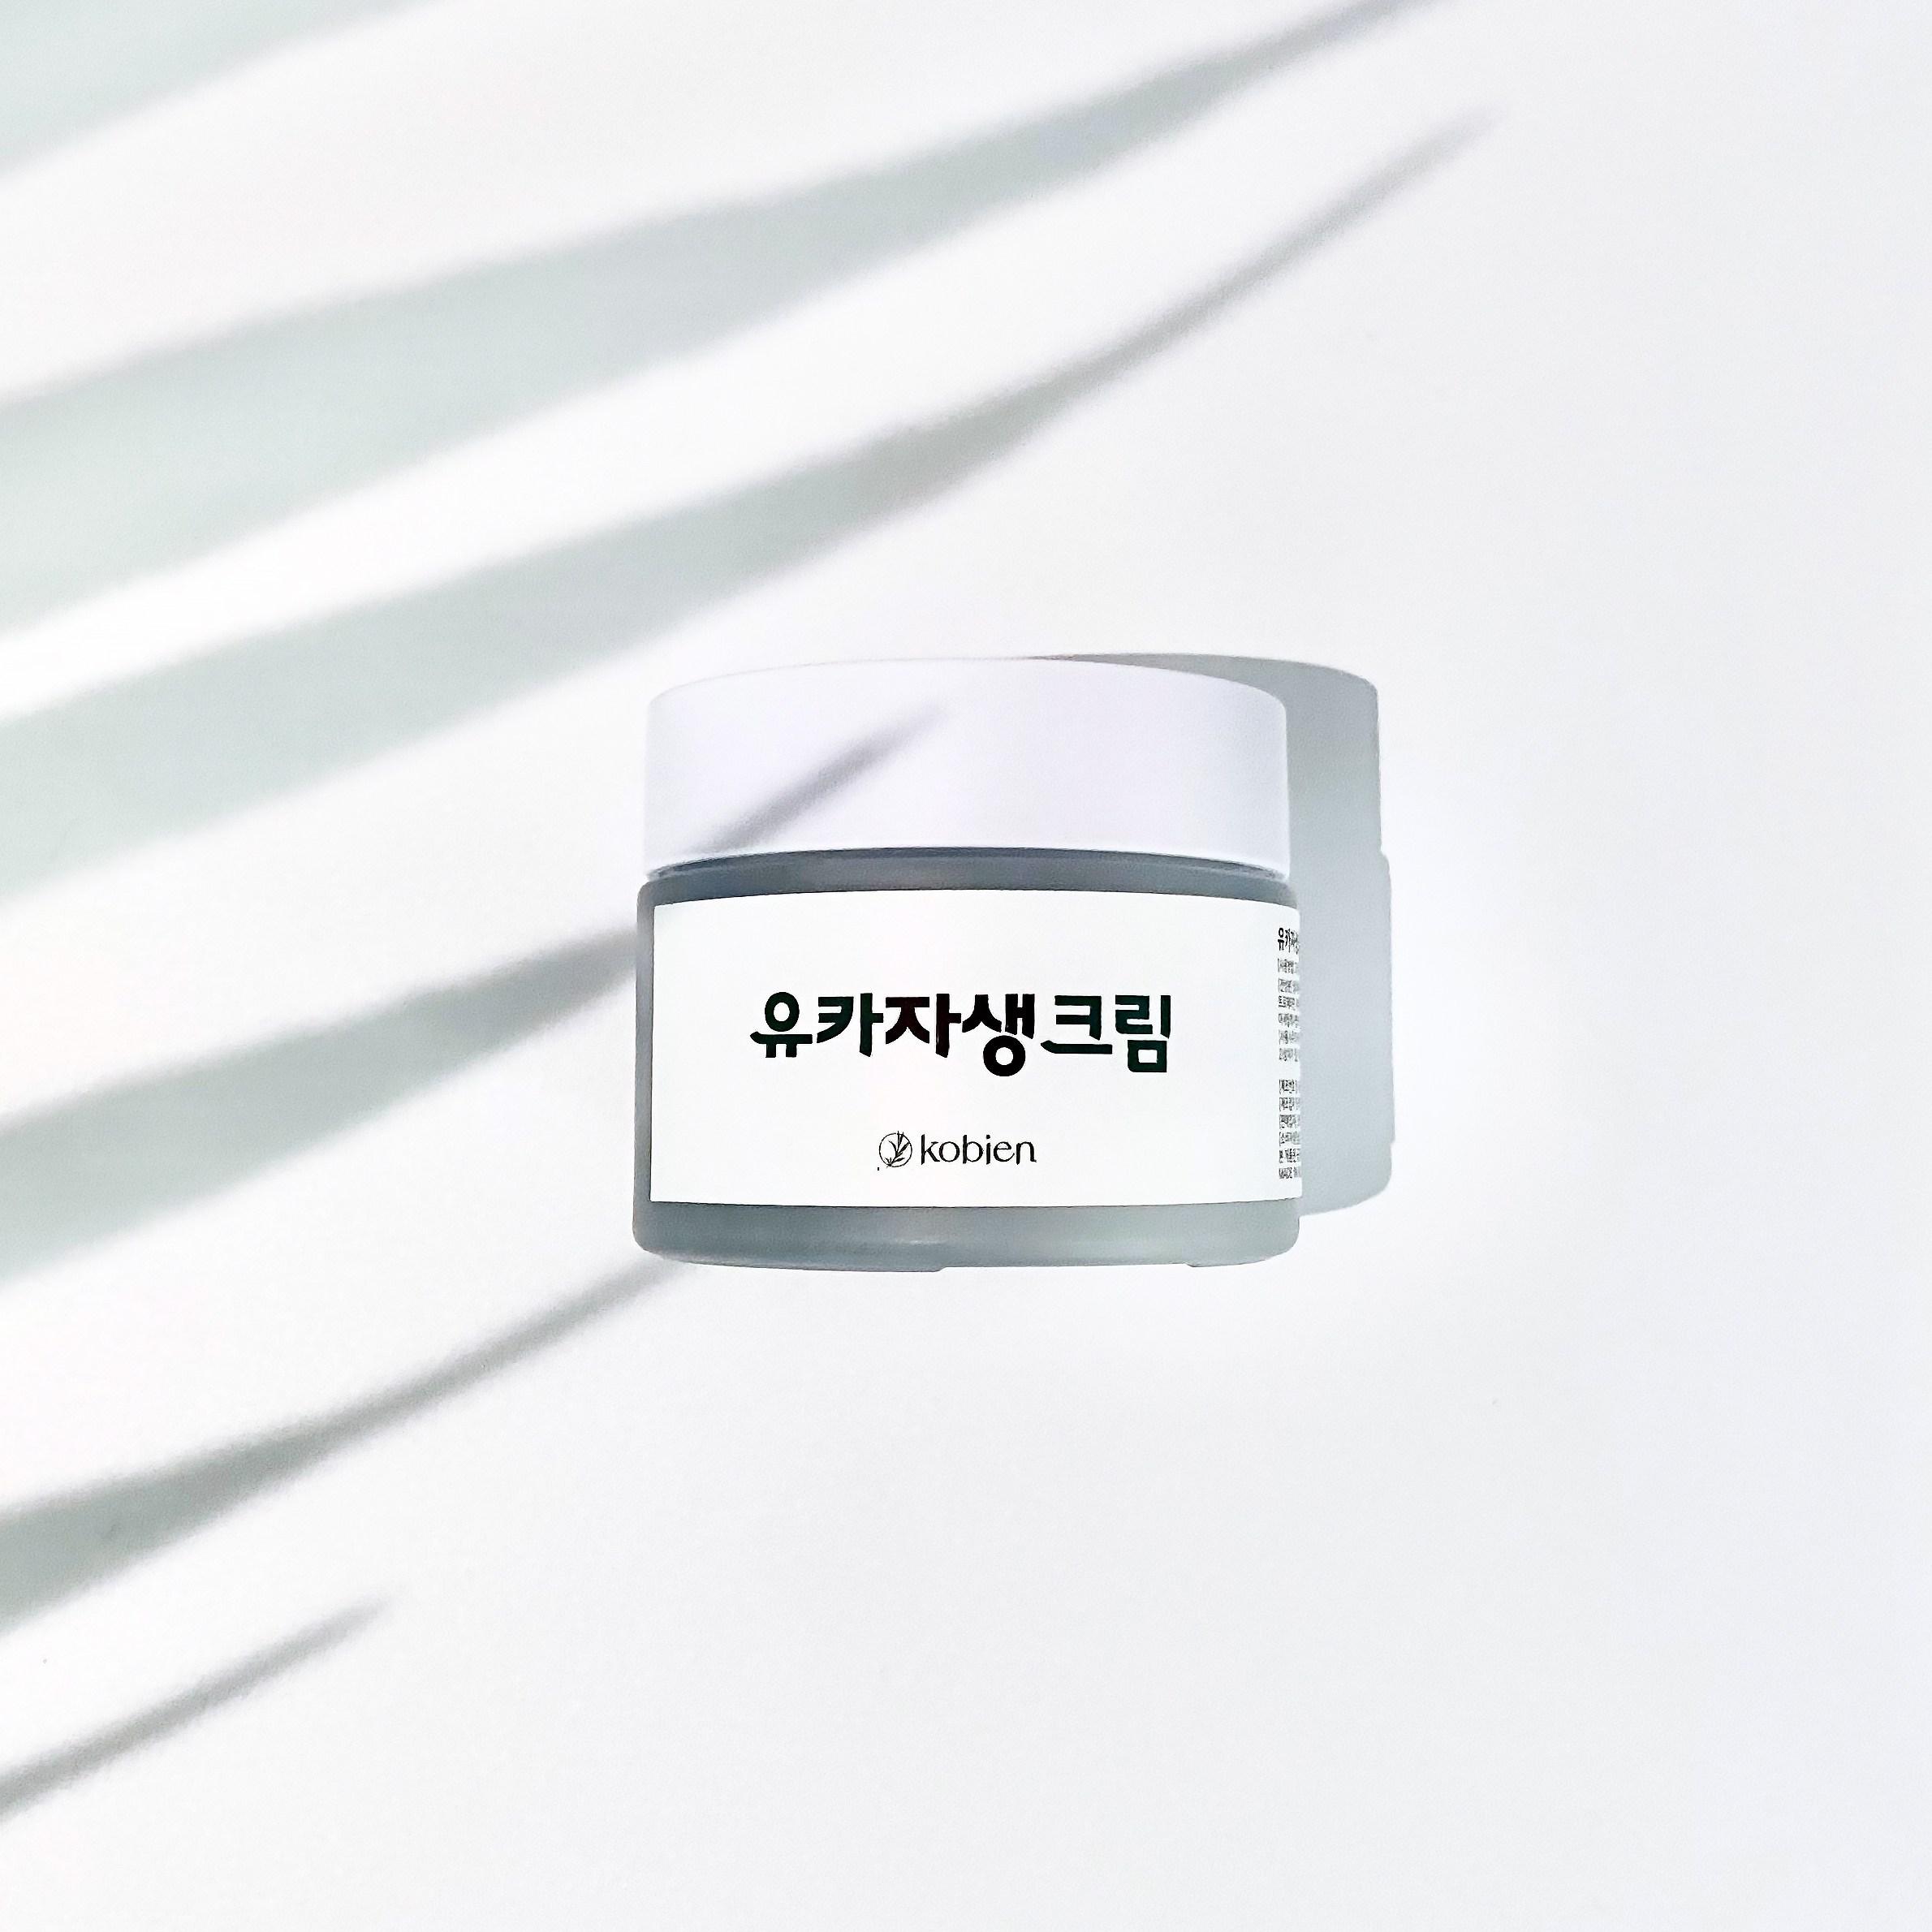 [코비엔] 유카자생크림 유황 시카 진정 아기보습 자생크림, 1개